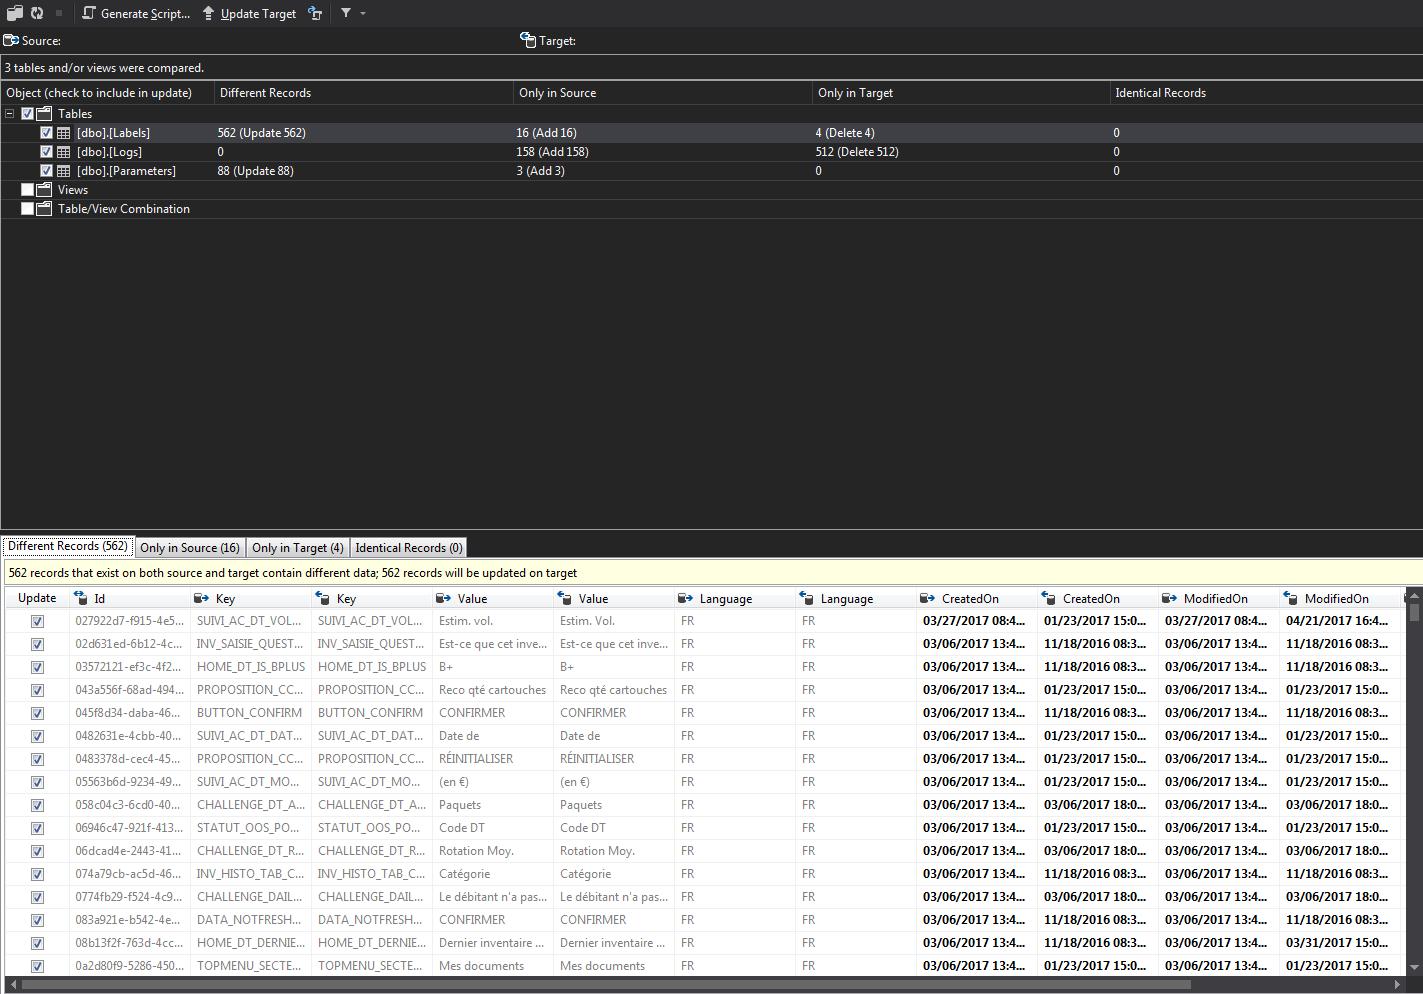 Visual Studio - Résultats de la comparaison de données